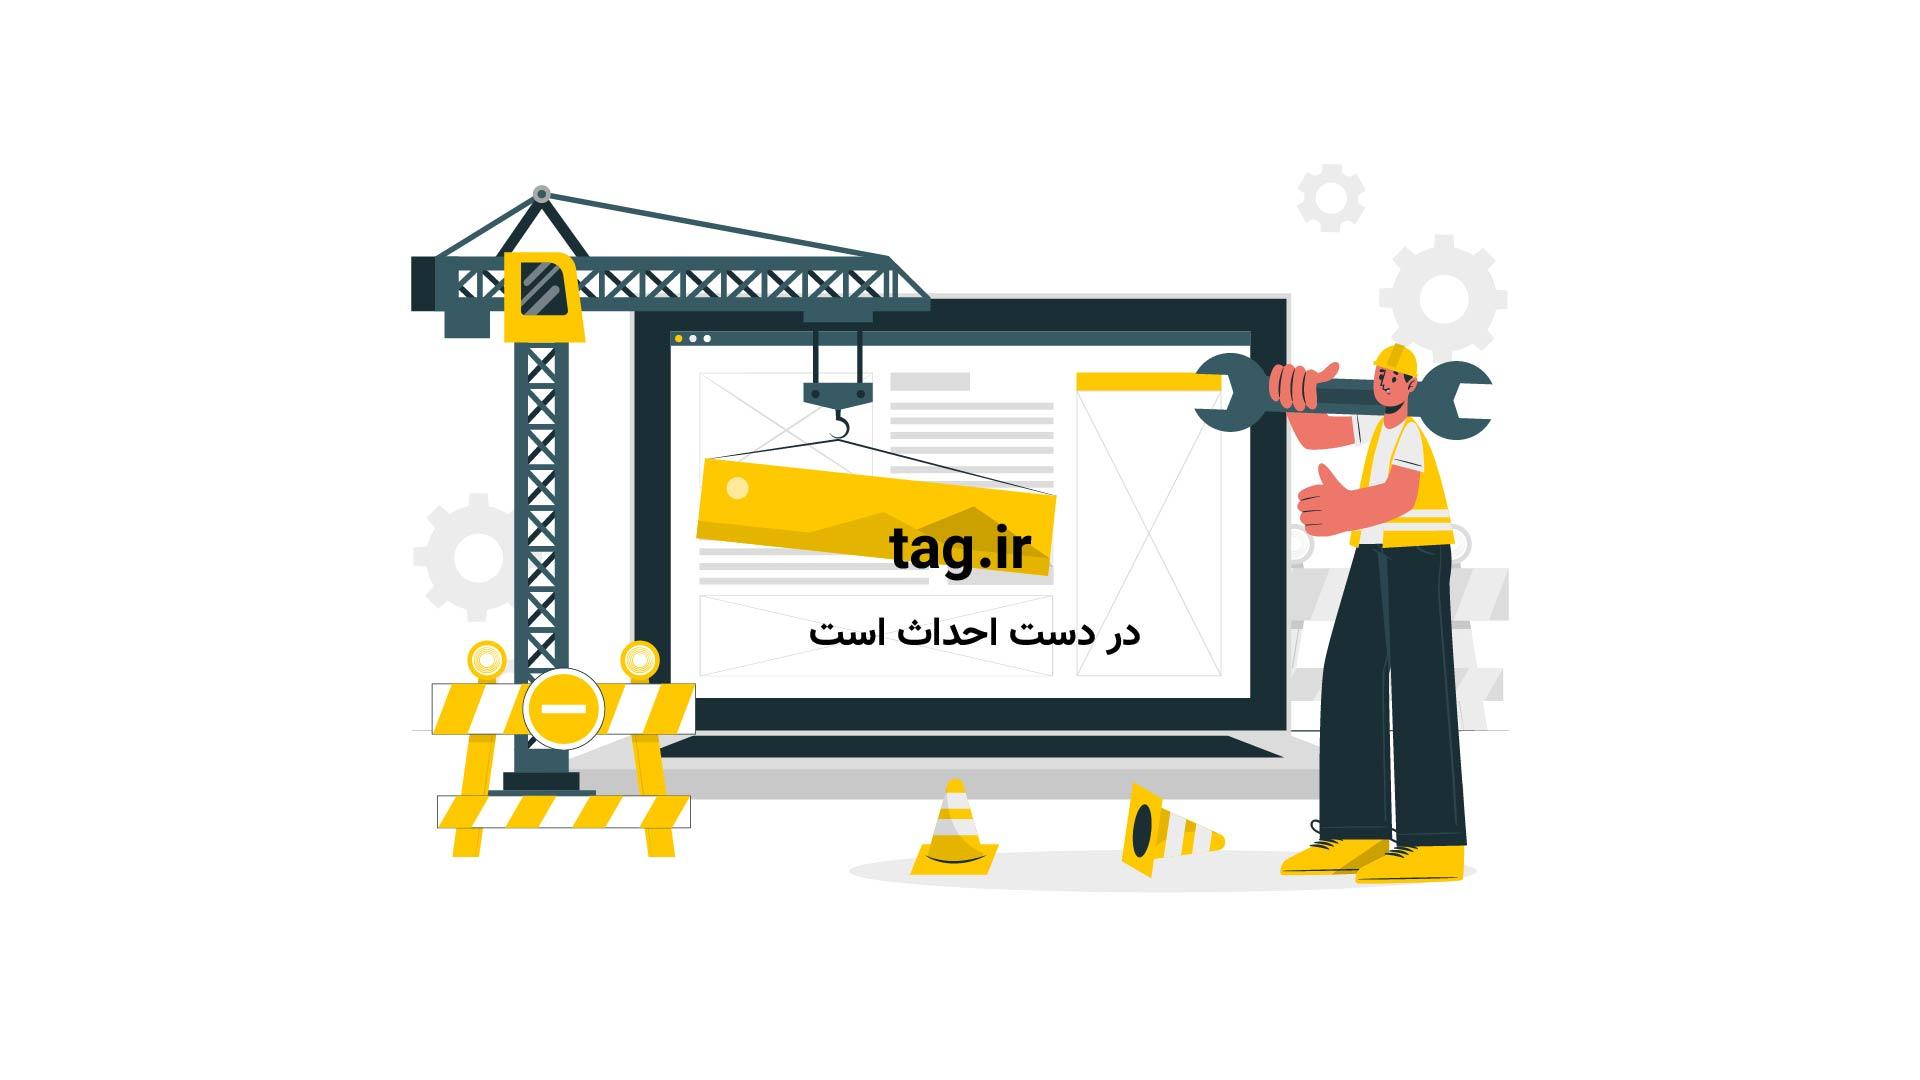 اوریگامی خوک |تگ